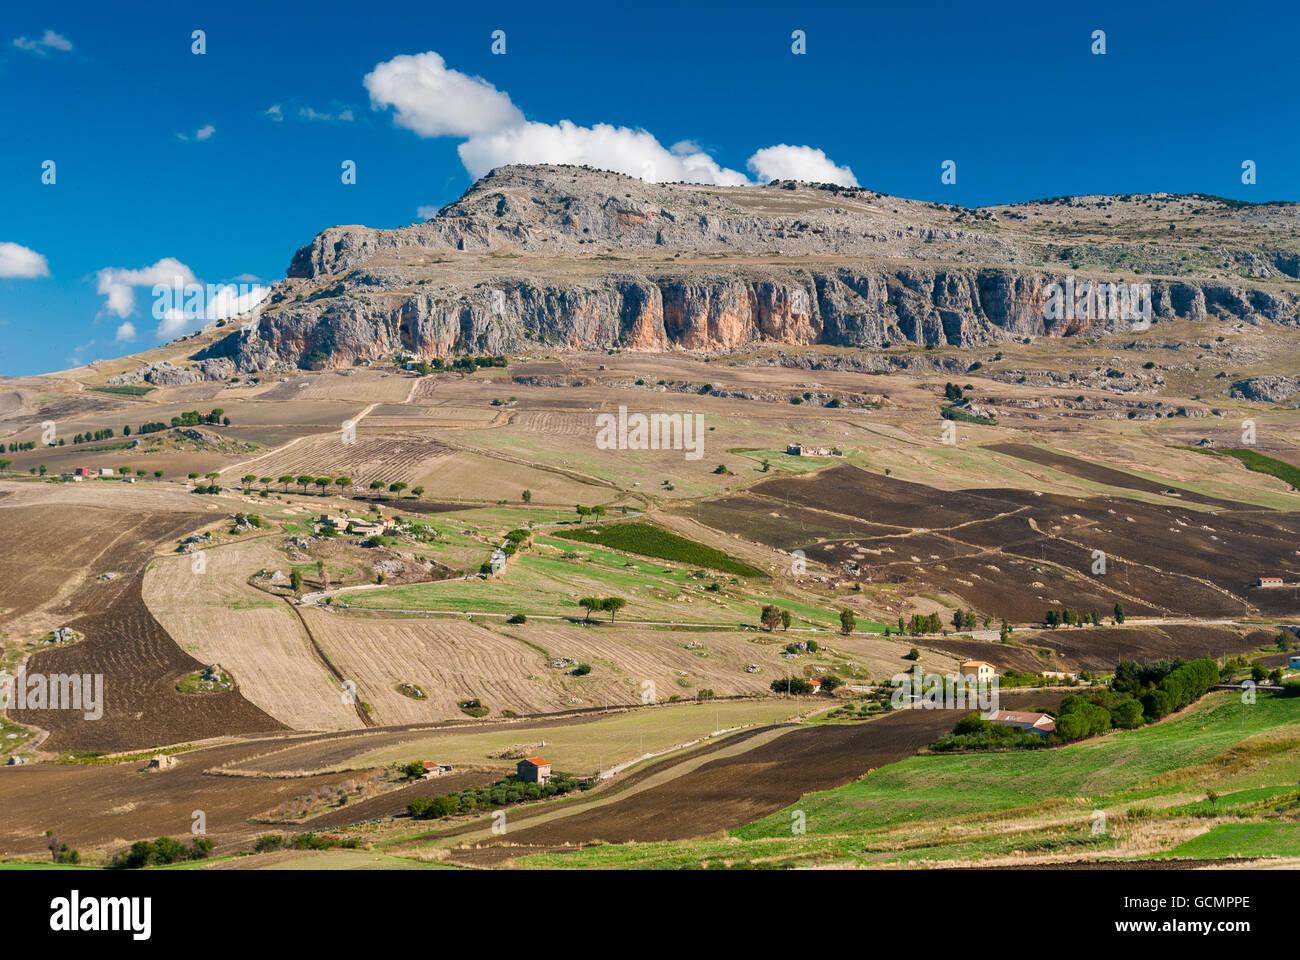 Rocca Busambra, la plus haute montagne de la chaîne de Sicani (ouest de la Sicile) Photo Stock